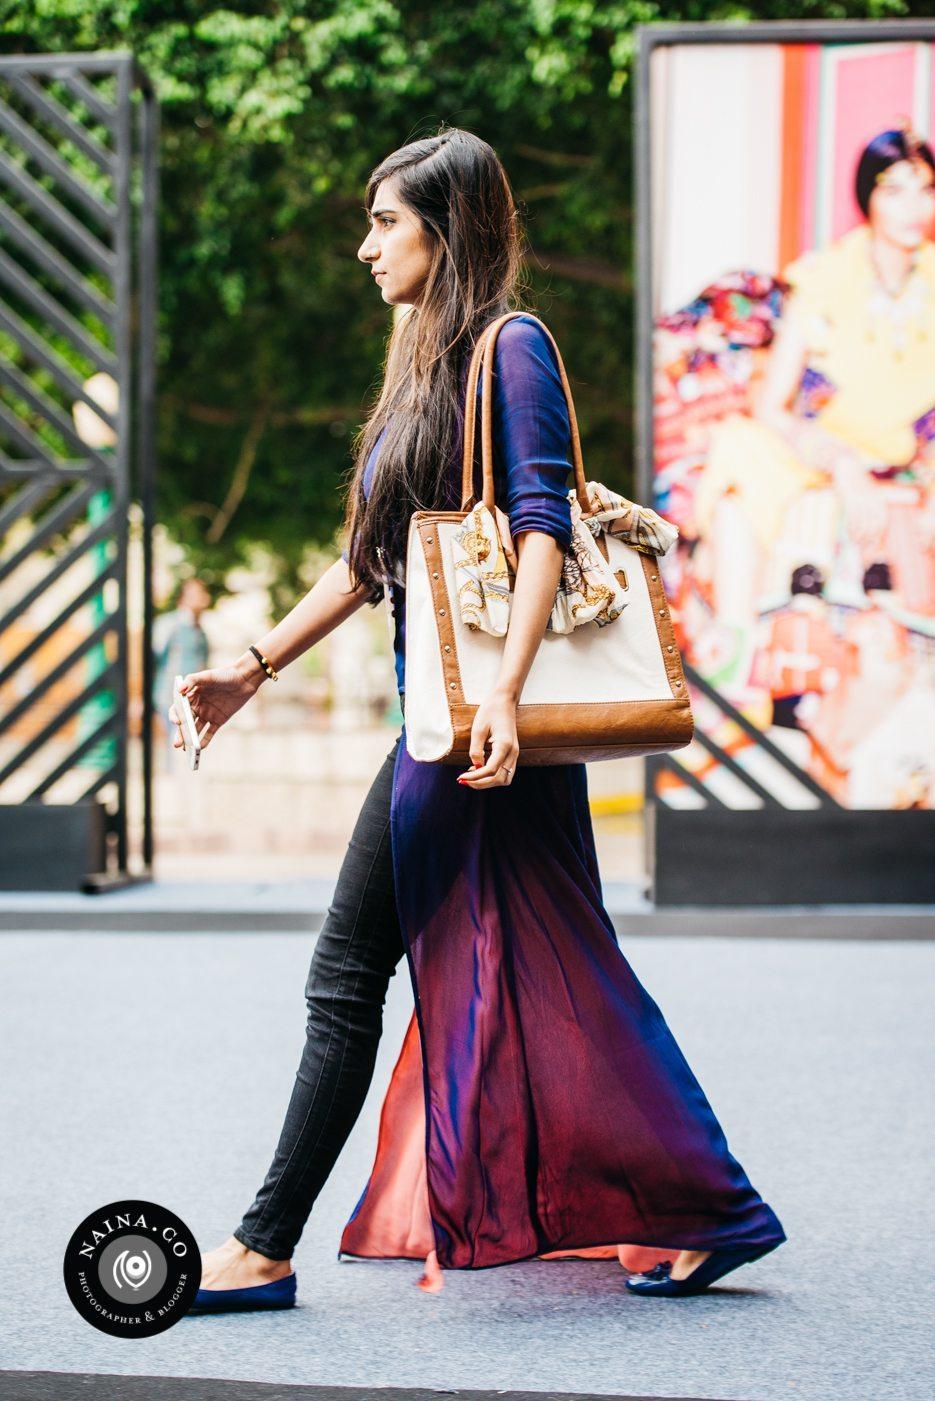 Naina.co-Raconteuse-Visuelle-Photographer-Blogger-Storyteller-Luxury-Lifestyle-AIFWAW15-EyesForStreetStyle